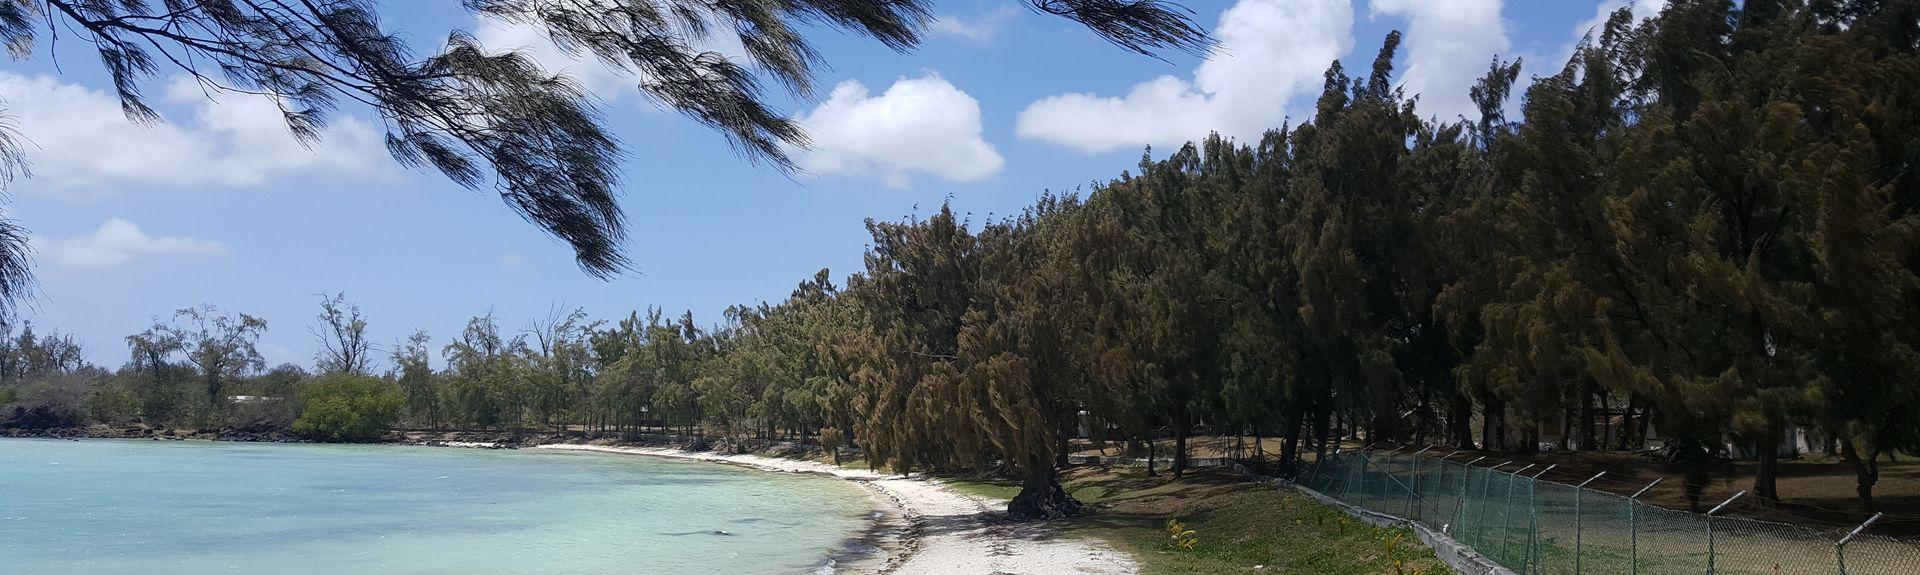 Plage d'Anse la Raie, Cap Malheureux, Rivière du Rempart, Île Maurice